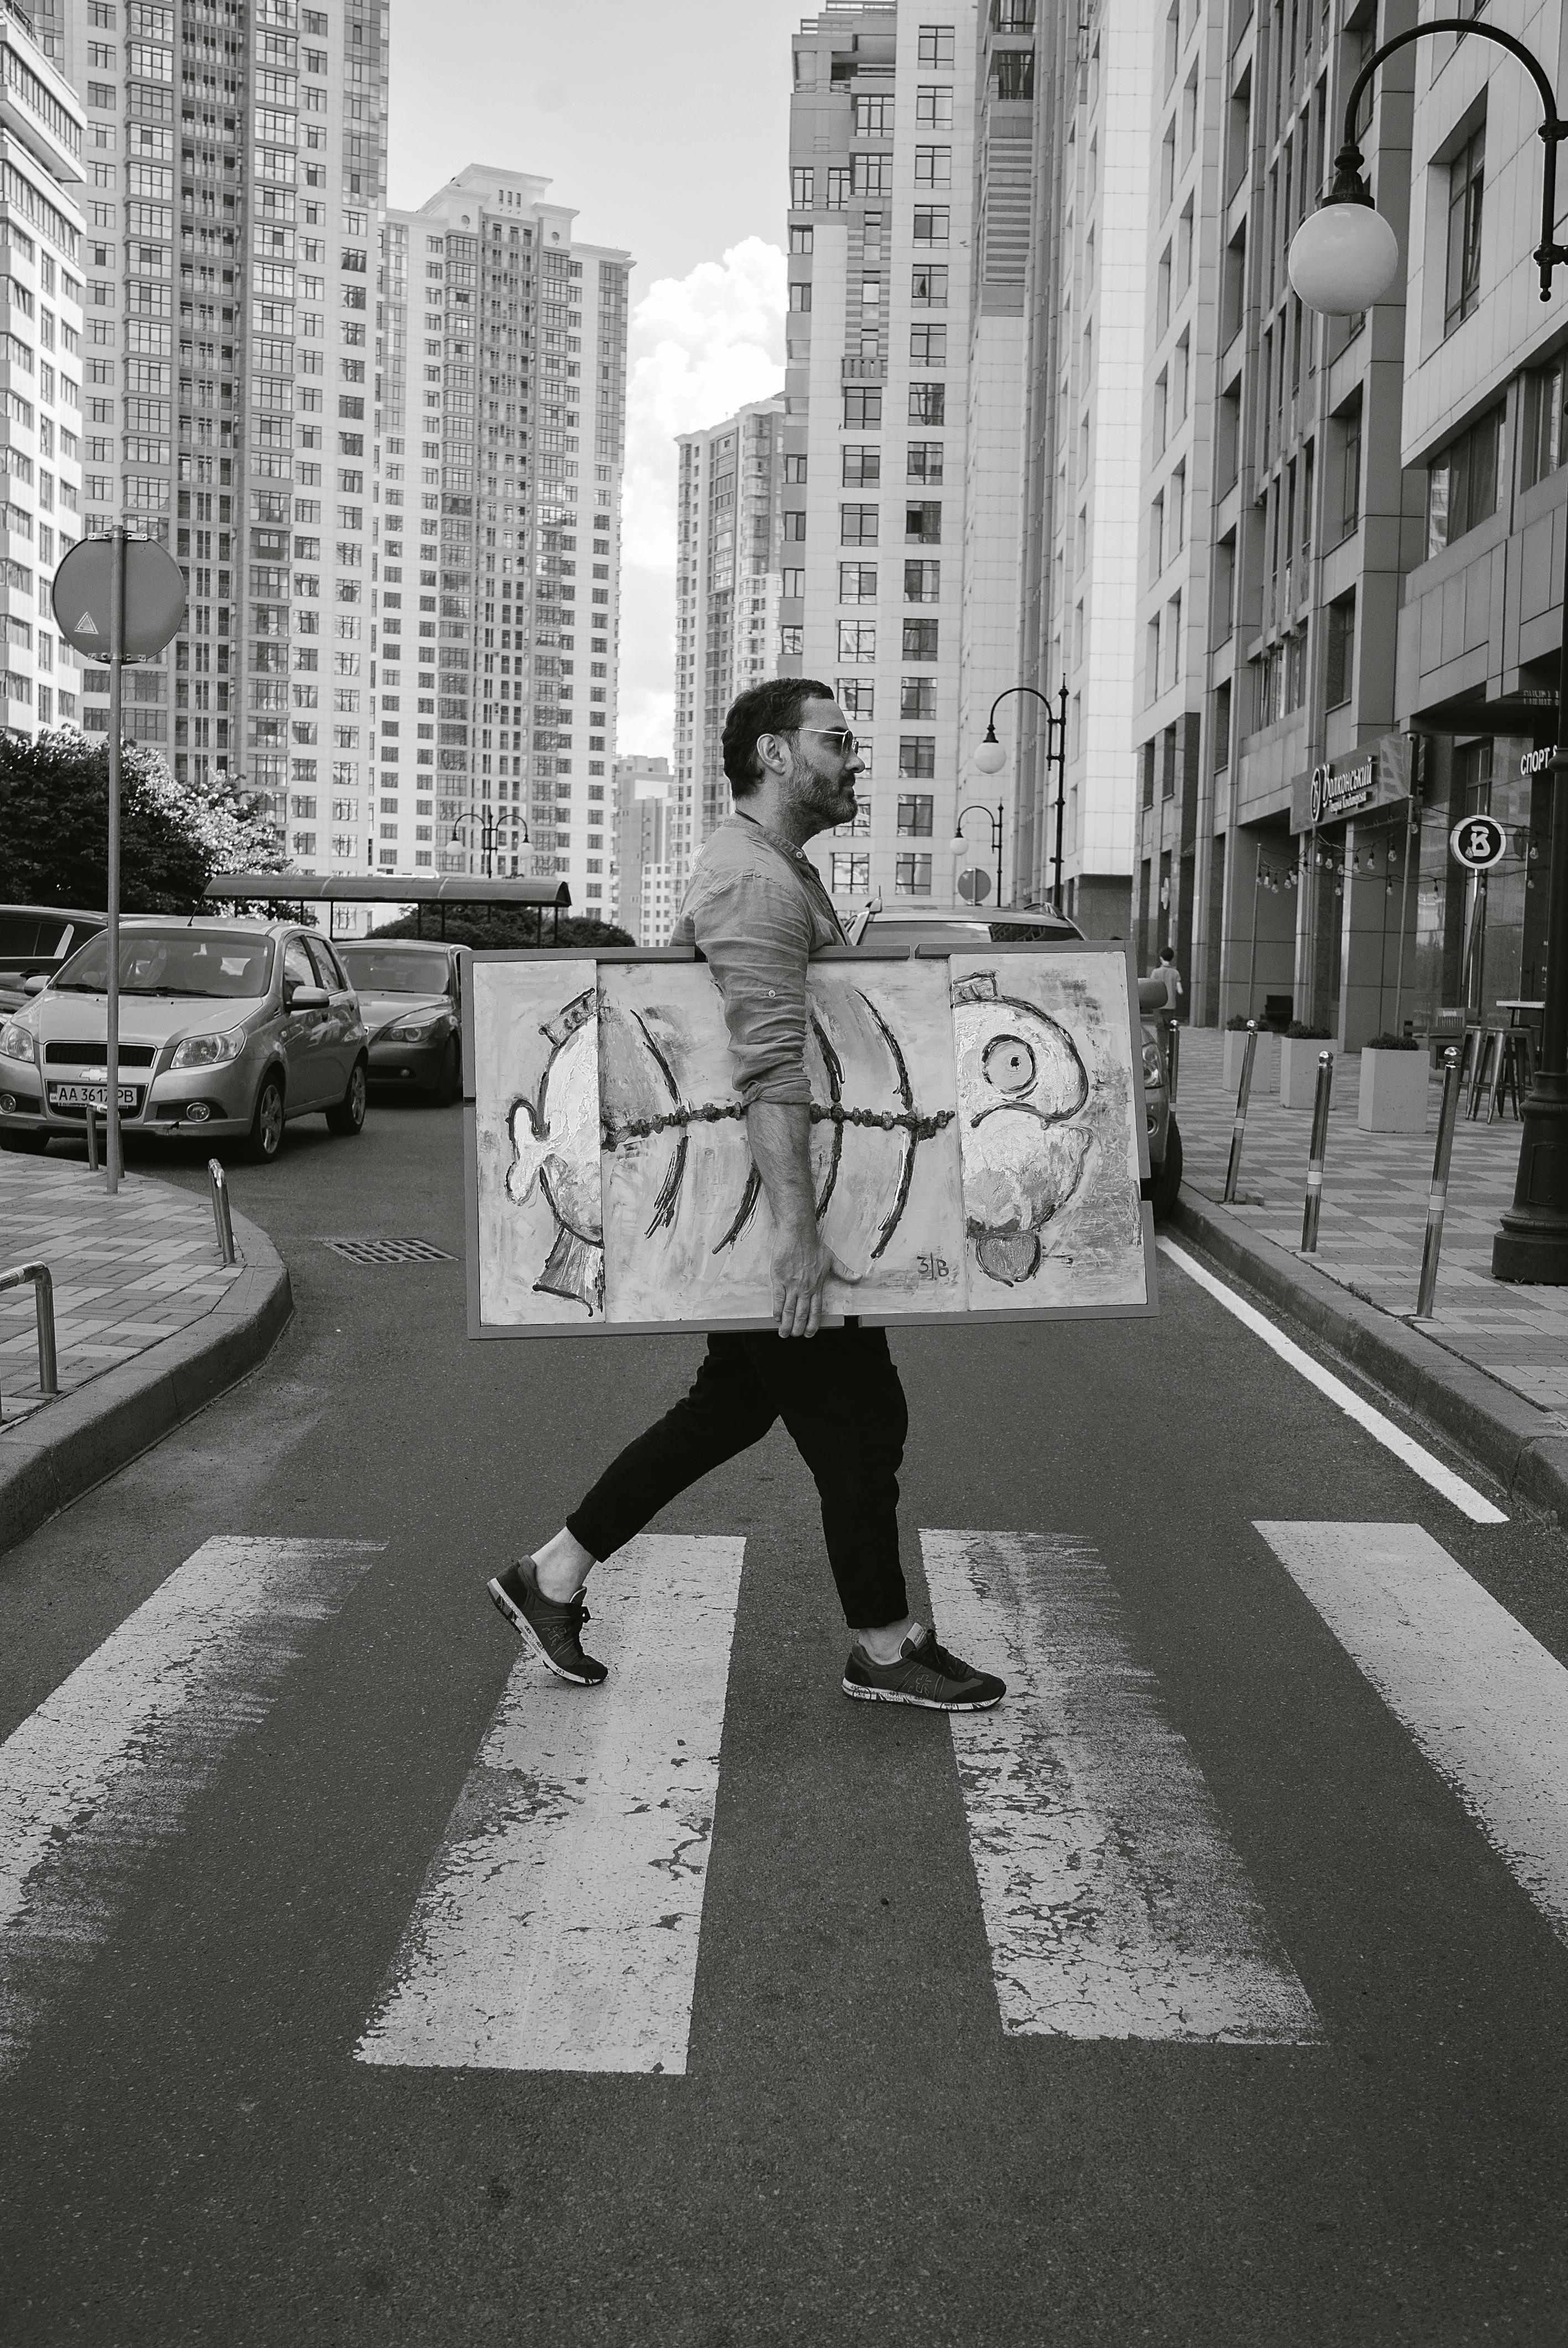 СТРАННИК: художник Виктор Виниченко о своей миссии нести добро в мир и персонажах своих картин